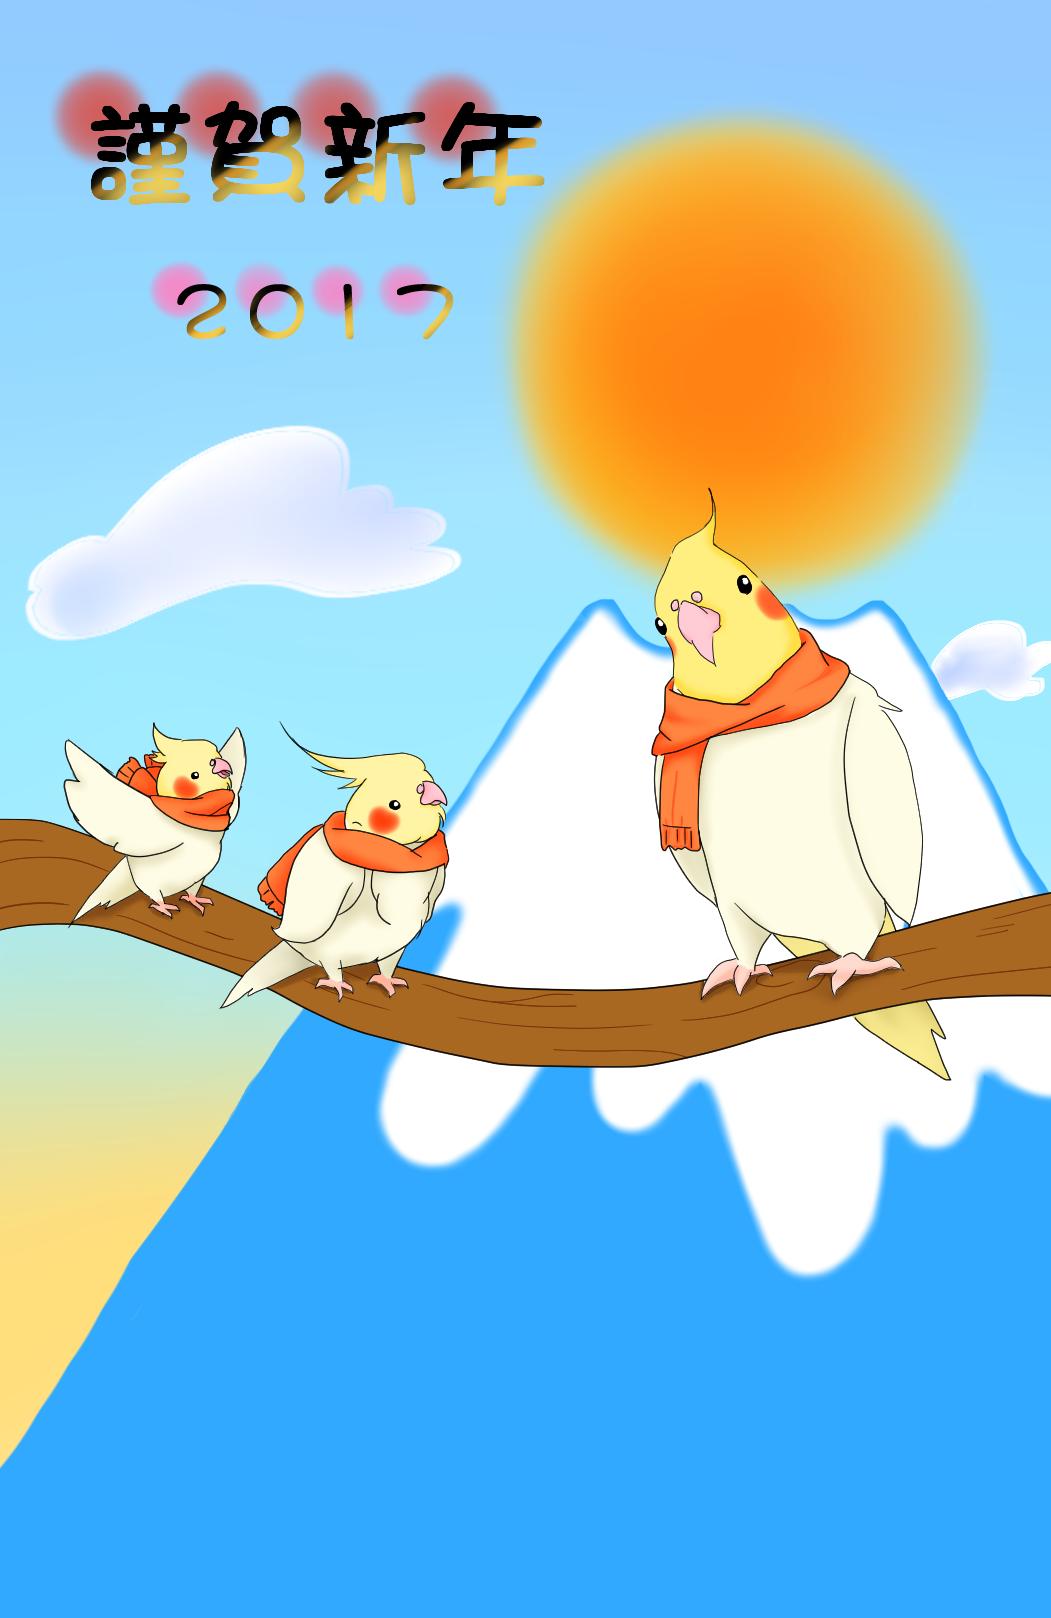 まゆっこ/オカメインコと新年のごあいさつ